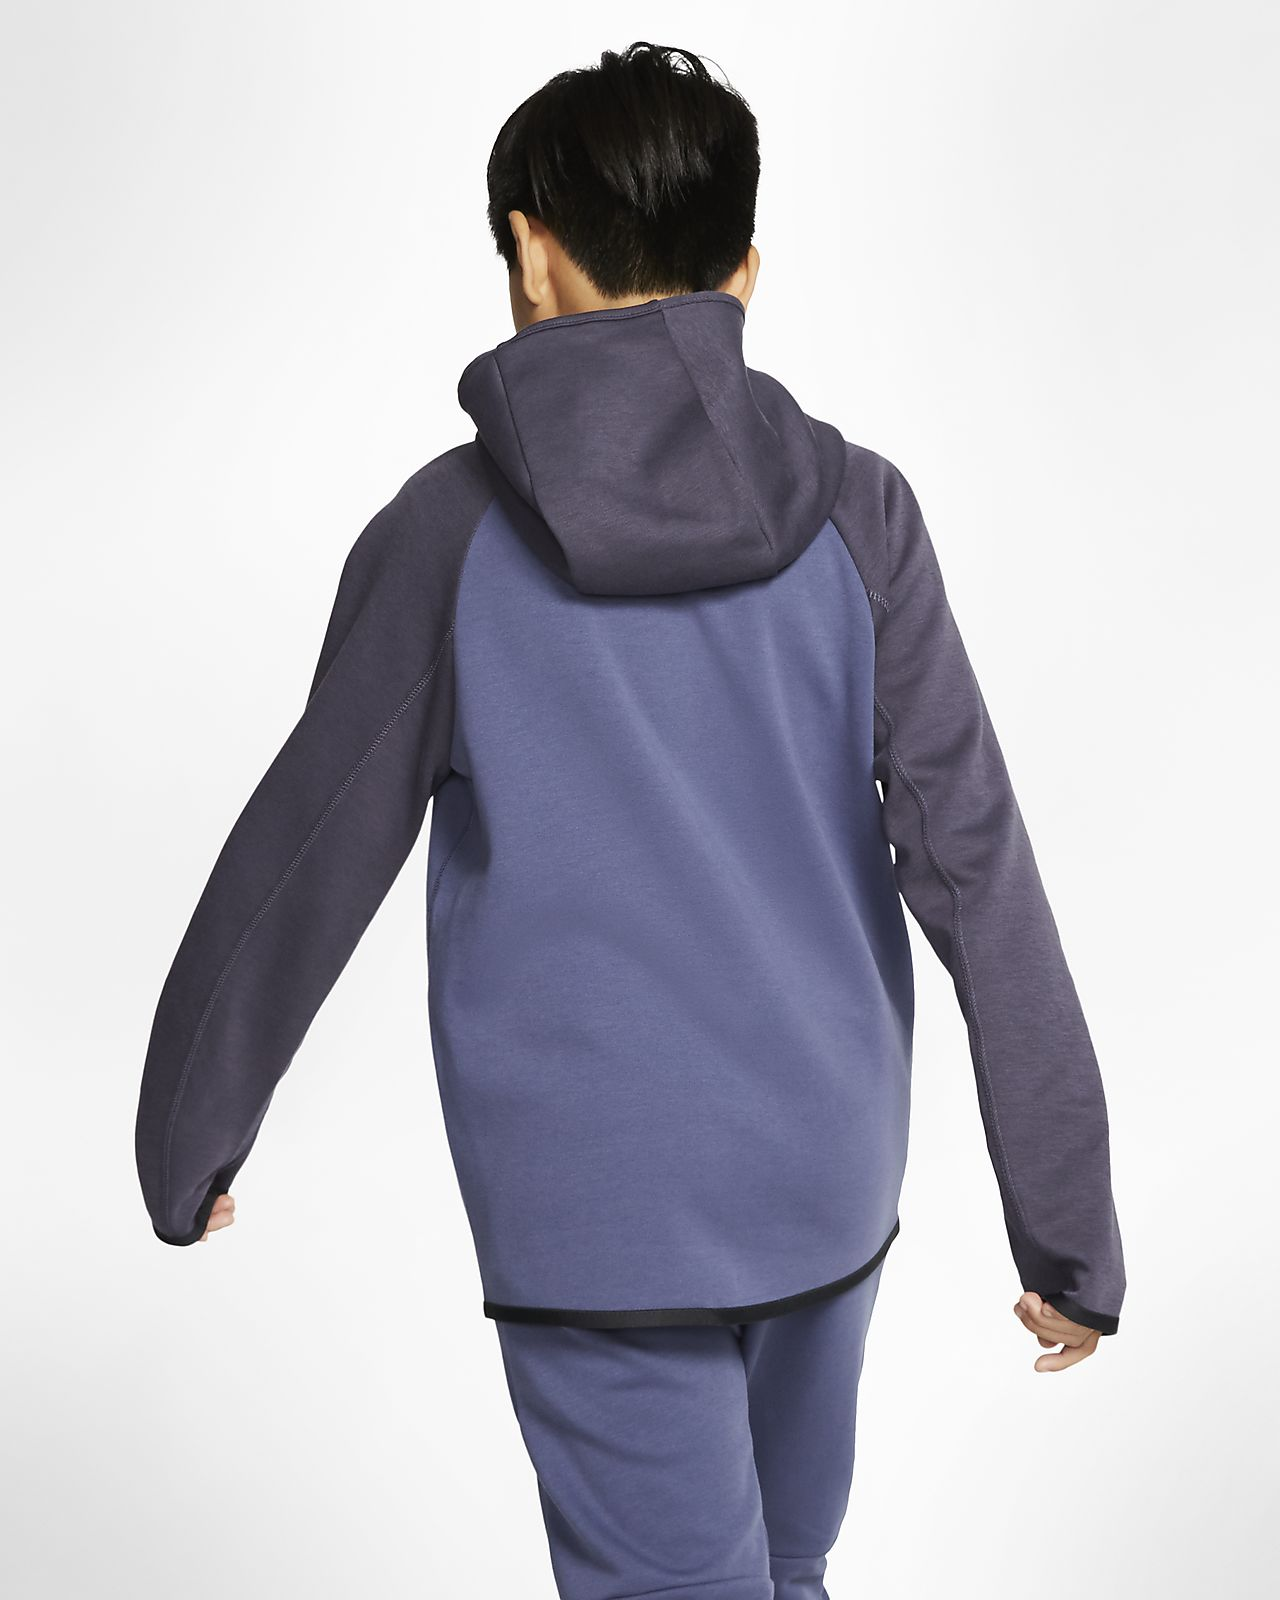 Nike Sportswear Tech Fleece Big Kids' Full Zip Jacket